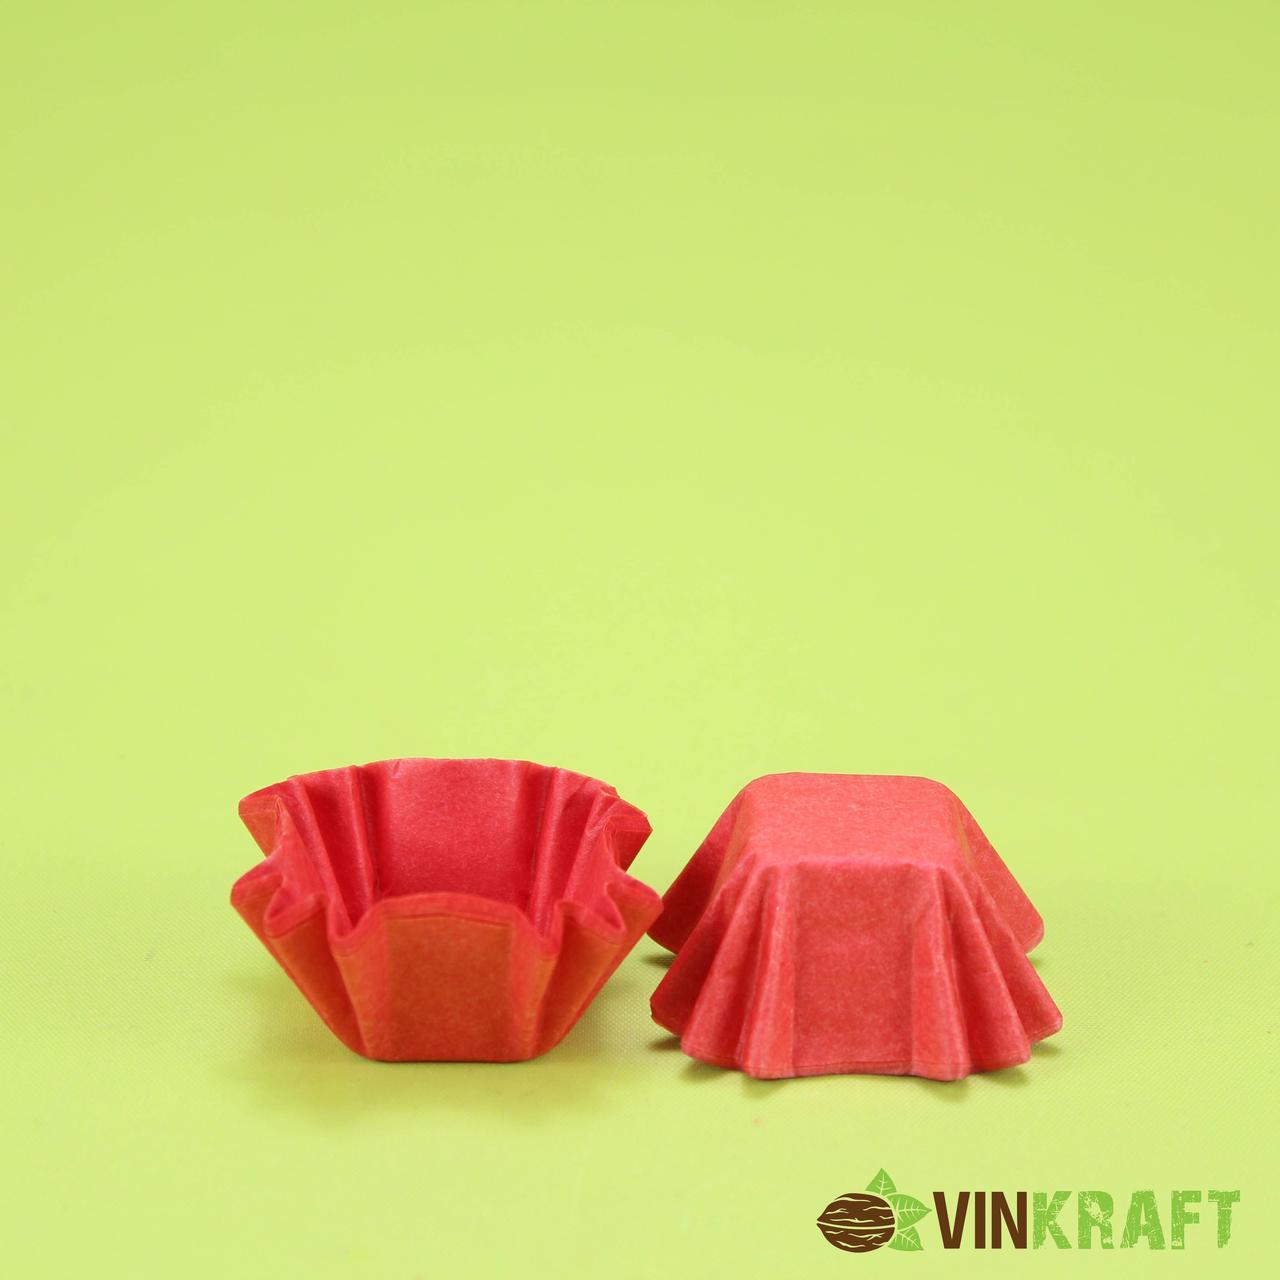 Паперова формочка (20*20, h=20) для цукерок, червона